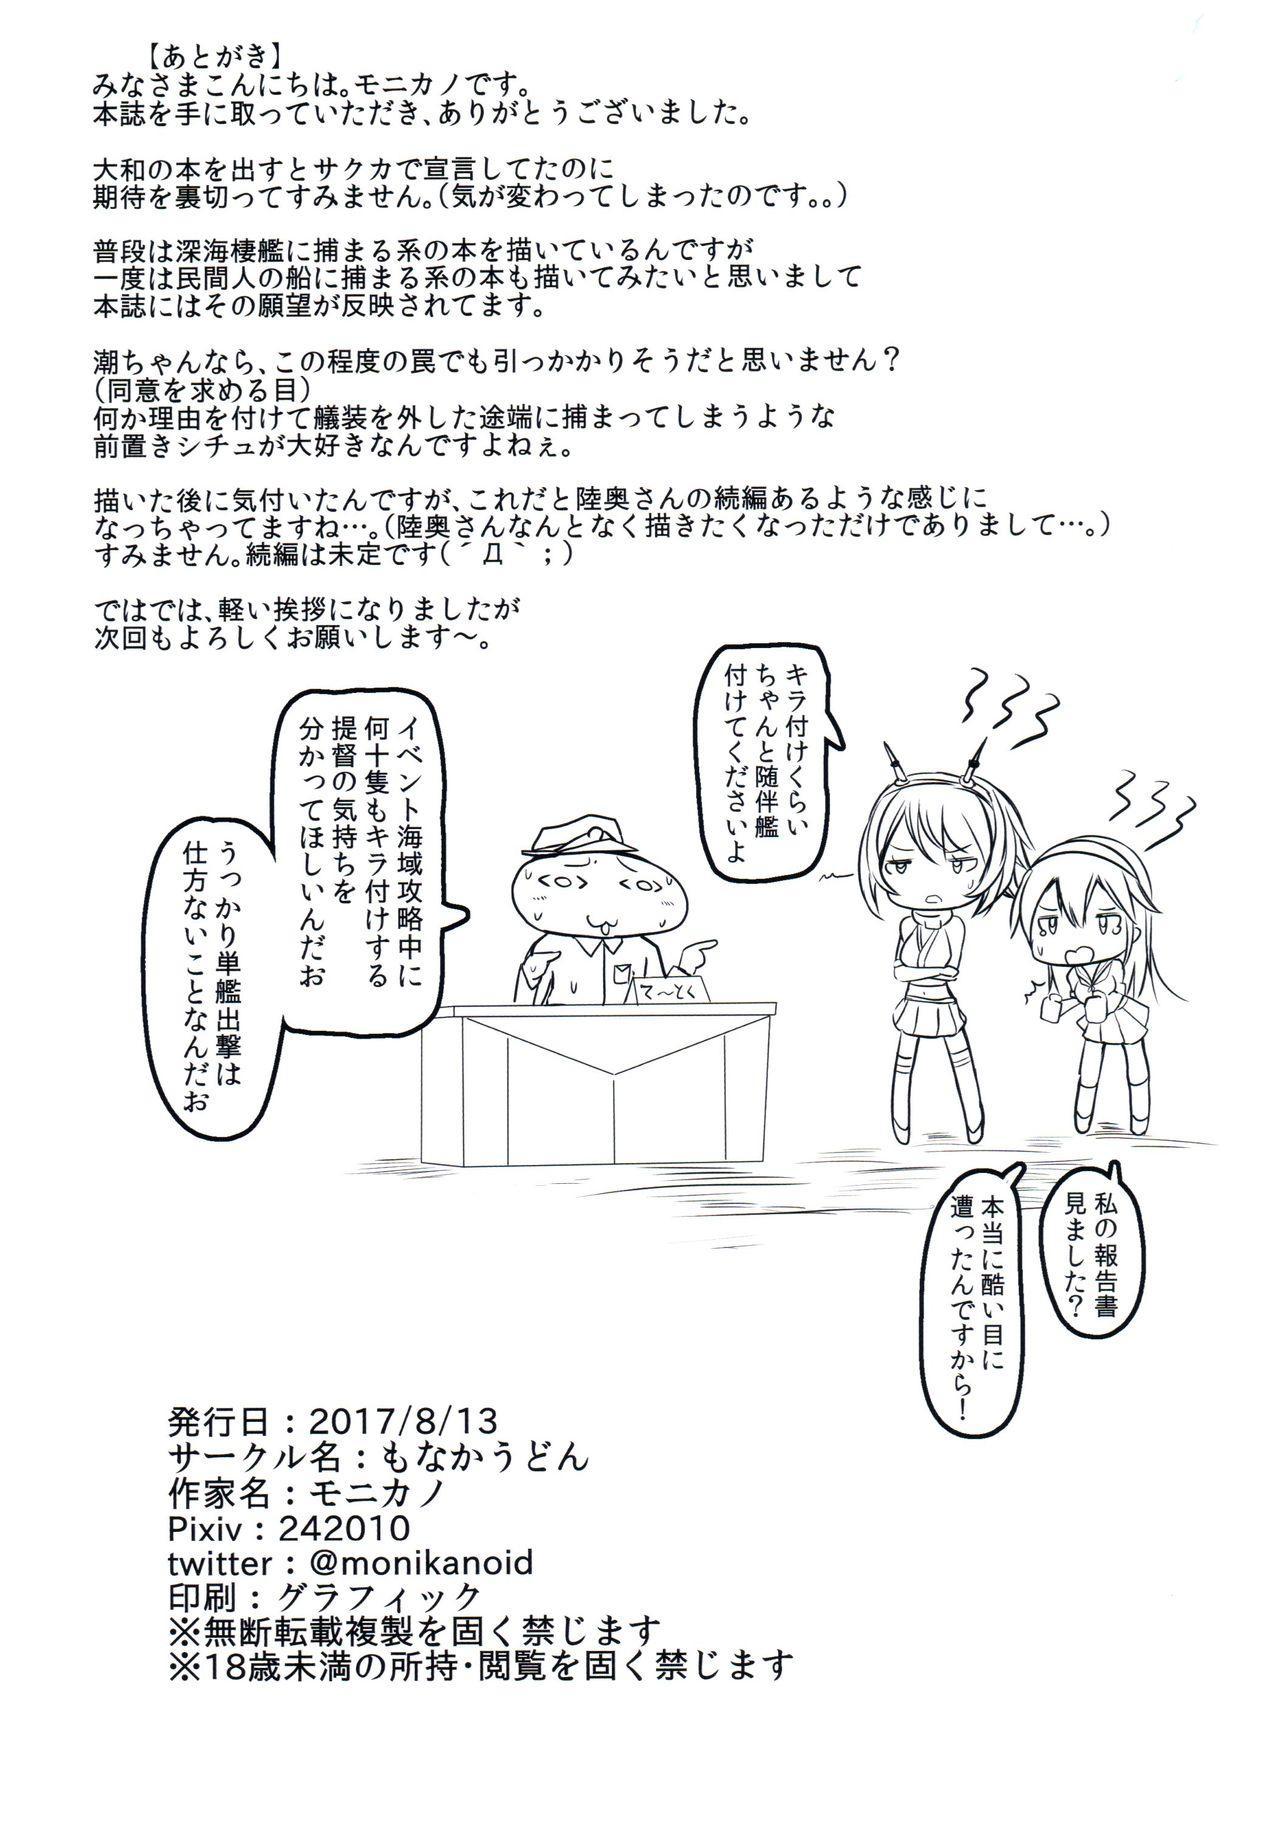 Kuchikukan Ushio Shissou Houkokusho 18